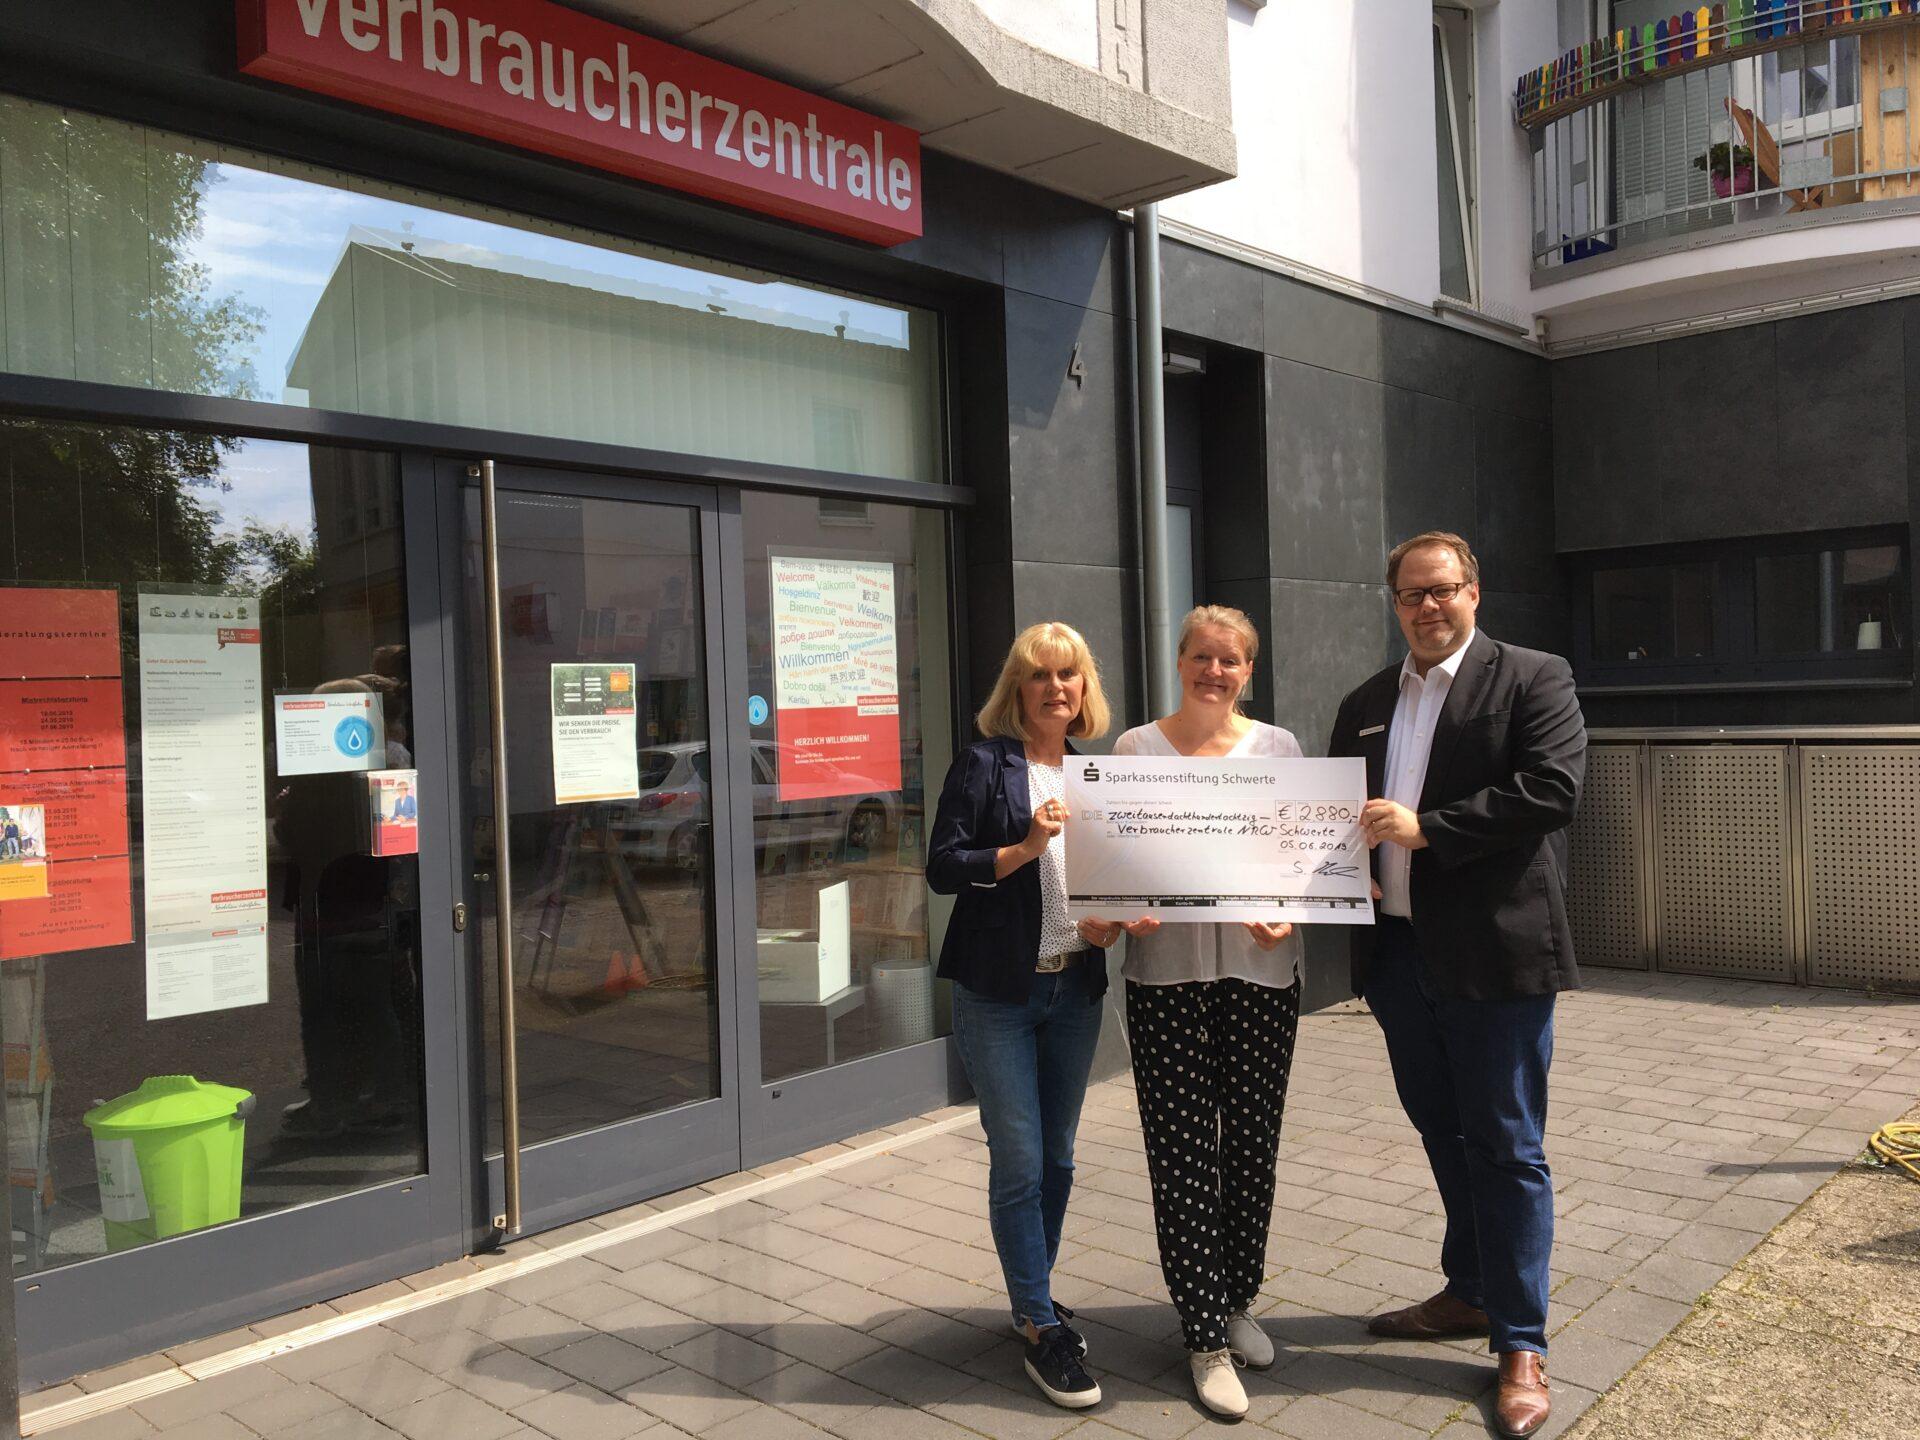 Sparkassenstiftung spendet 2.880 Euro an Verbraucherzentrale